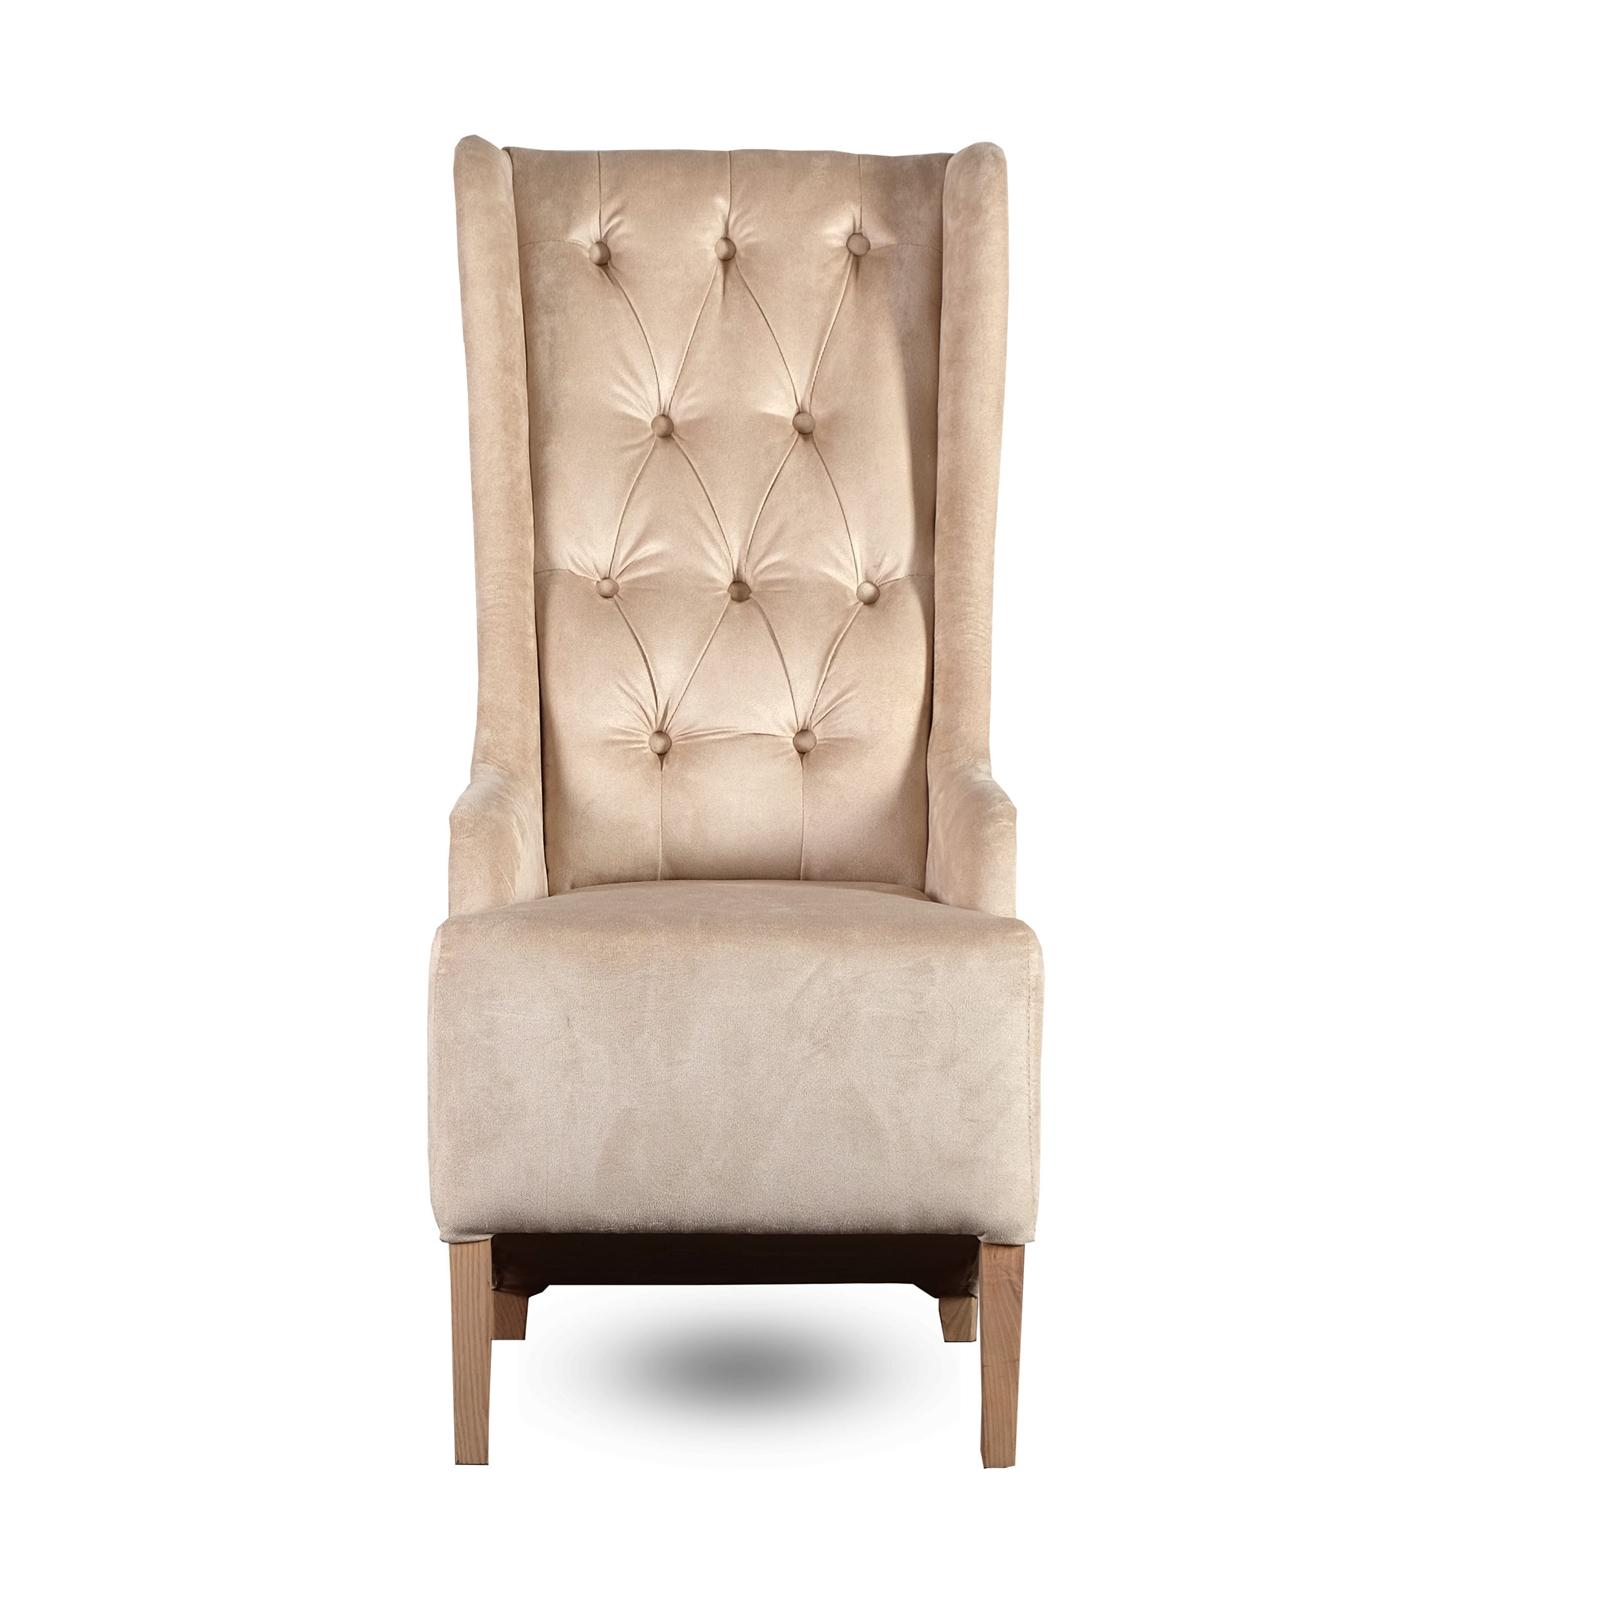 Padded design chair new york velvet cover beige for Latest sitting room chair